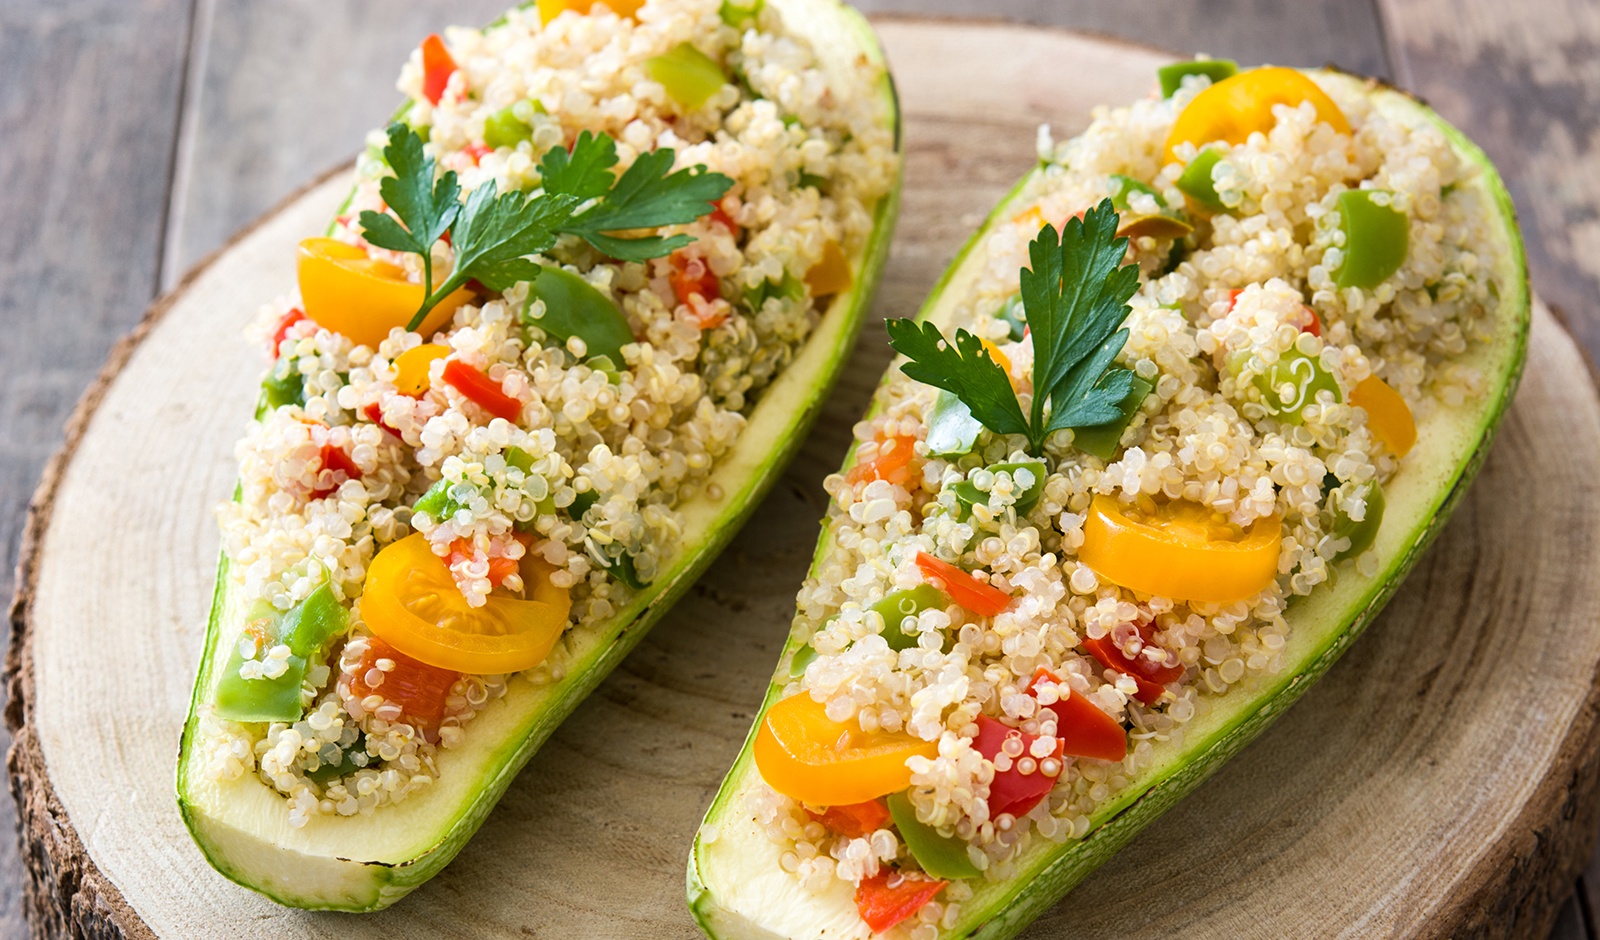 vegan-meal-cous-cous-avocado-veggies-delicious-vegan-food